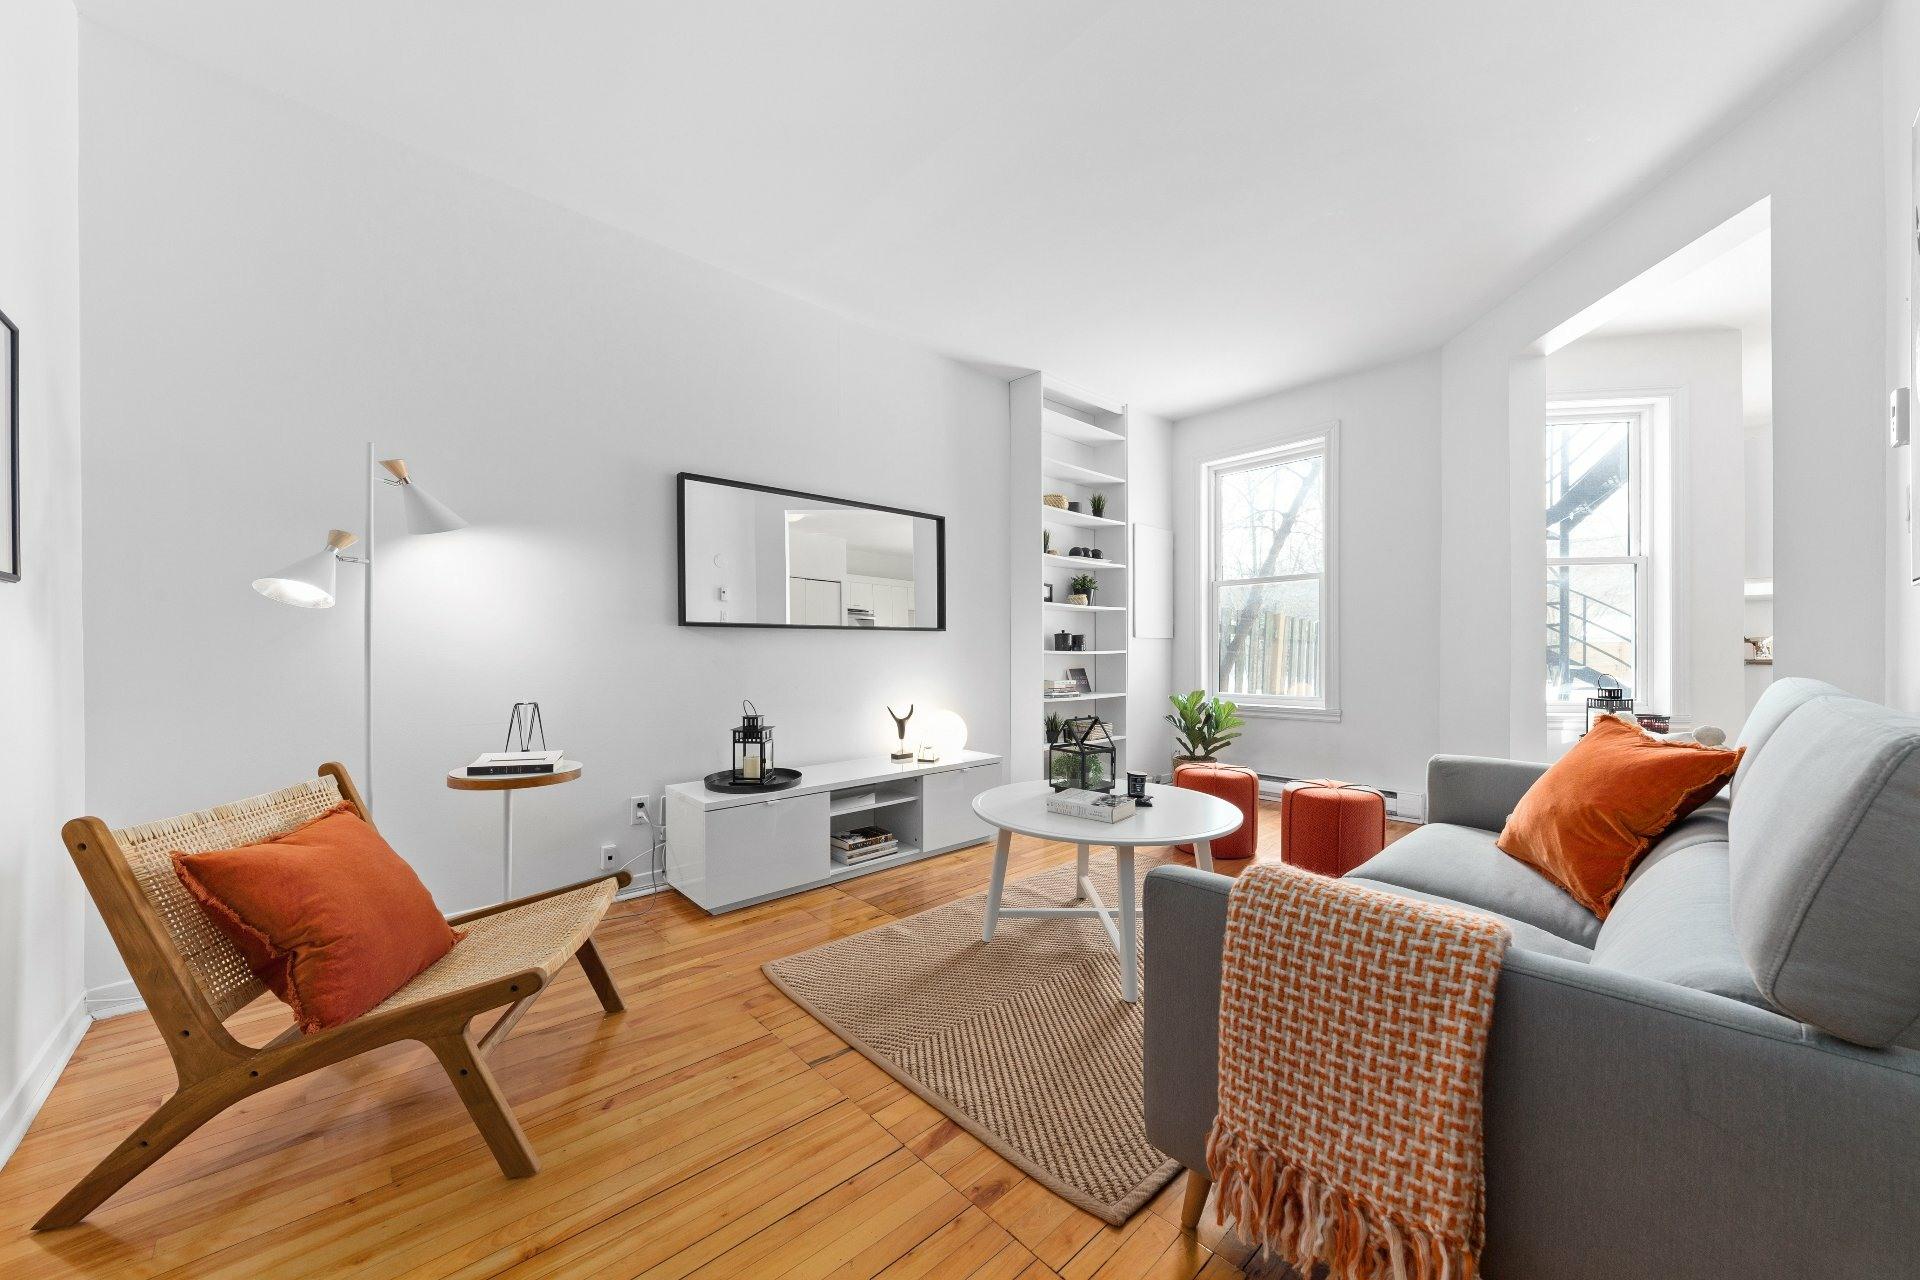 image 7 - Maison À vendre Le Plateau-Mont-Royal Montréal  - 10 pièces